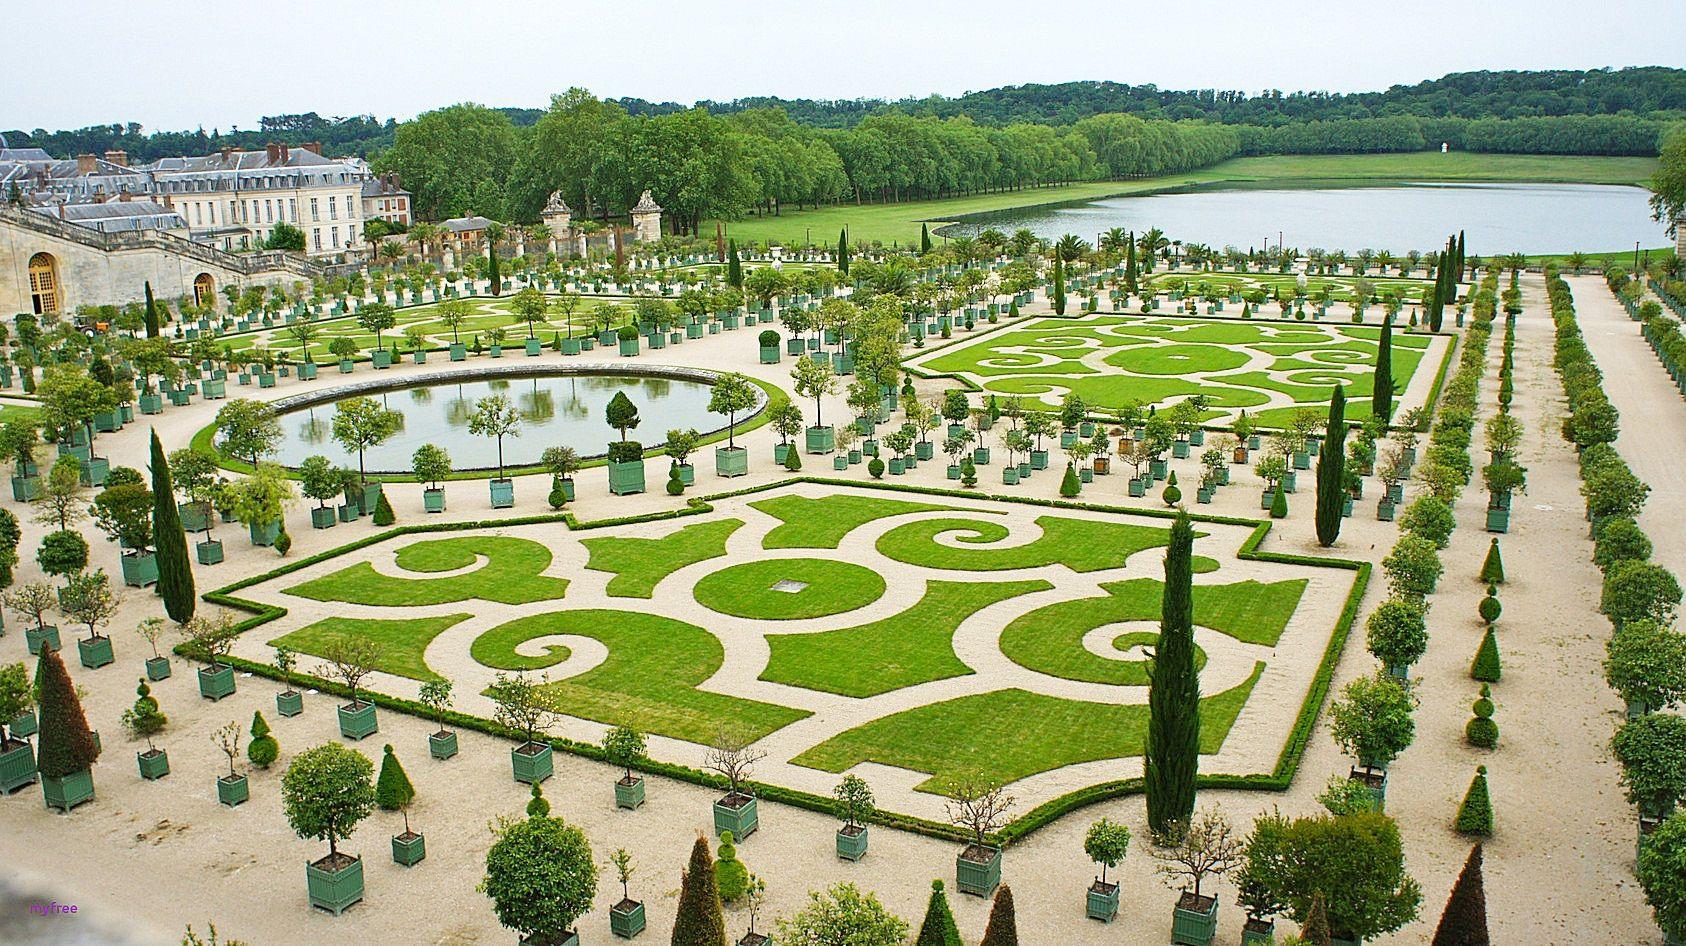 c4dfb79c07304a503f0c835c7c48e8d6 - Who Designed The Gardens Of Versailles